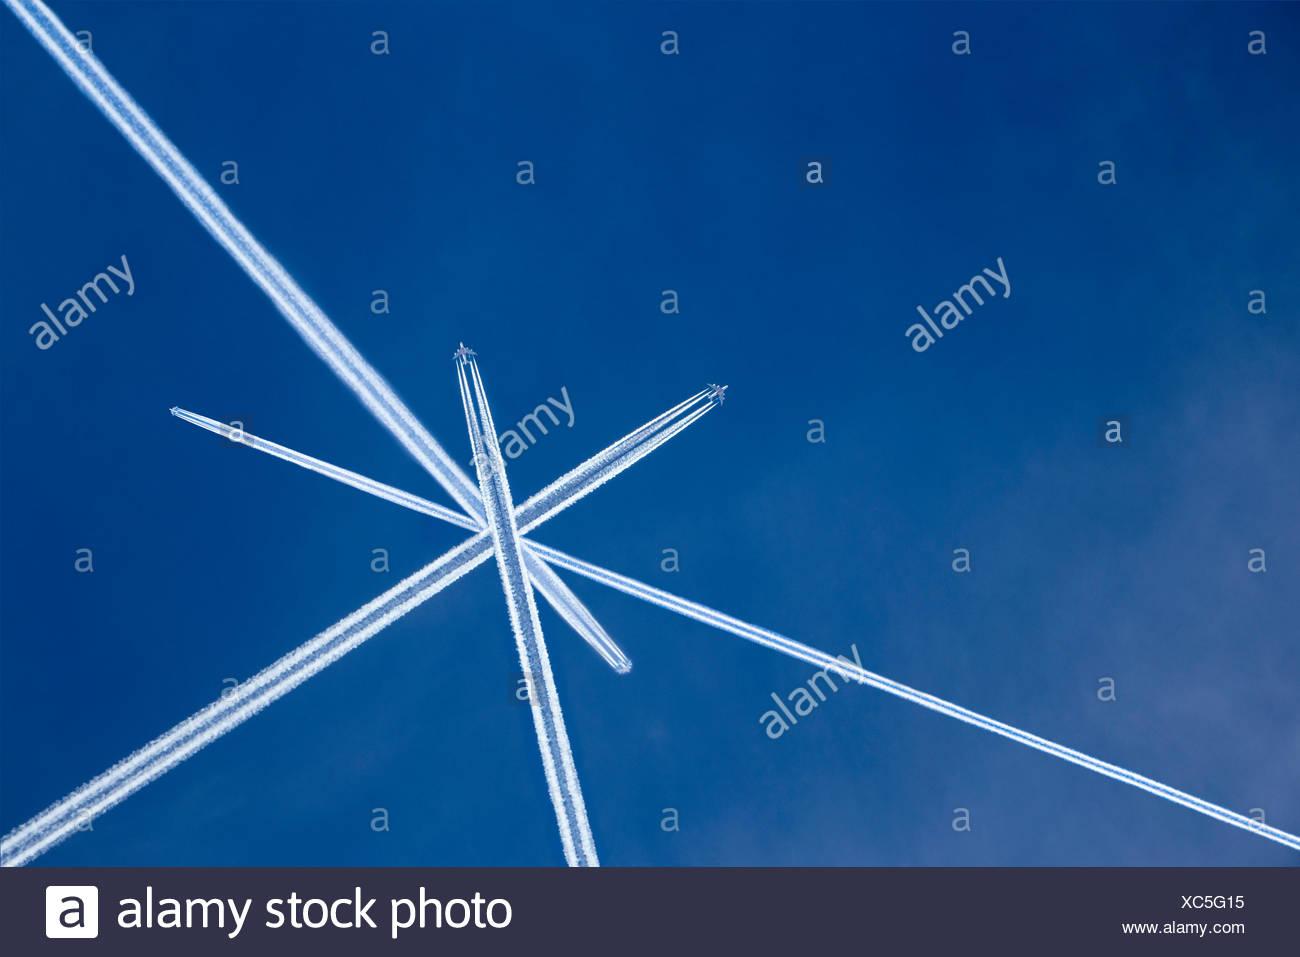 Vapor Trails von Flugzeugen im blauen Himmel gekreuzt Stockbild